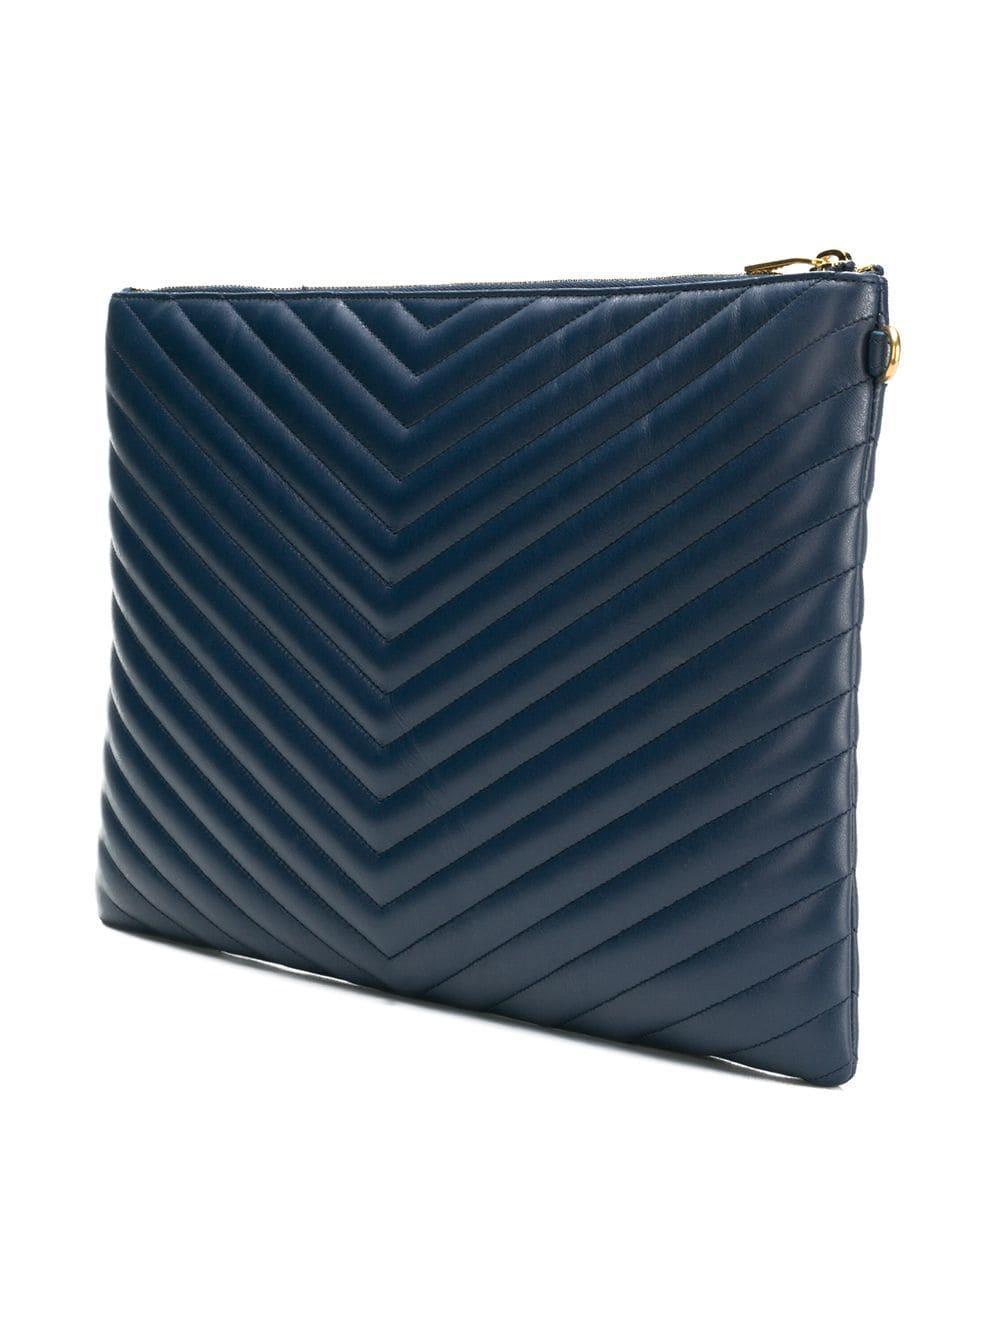 499d79c1f479 Lyst - Большой Клатч Saint Laurent, цвет: Синий